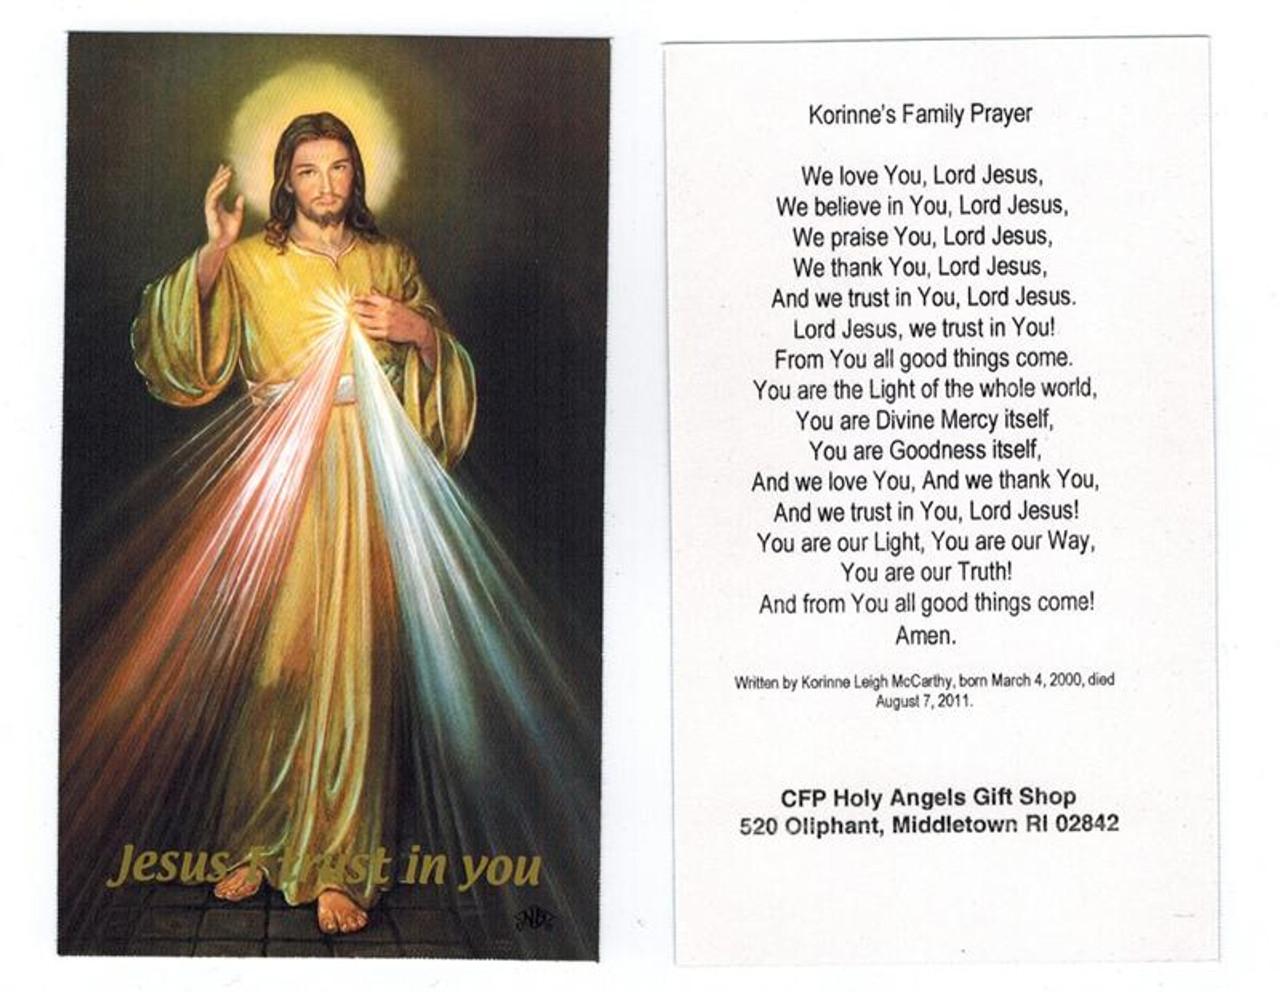 Korinne's Family Prayer